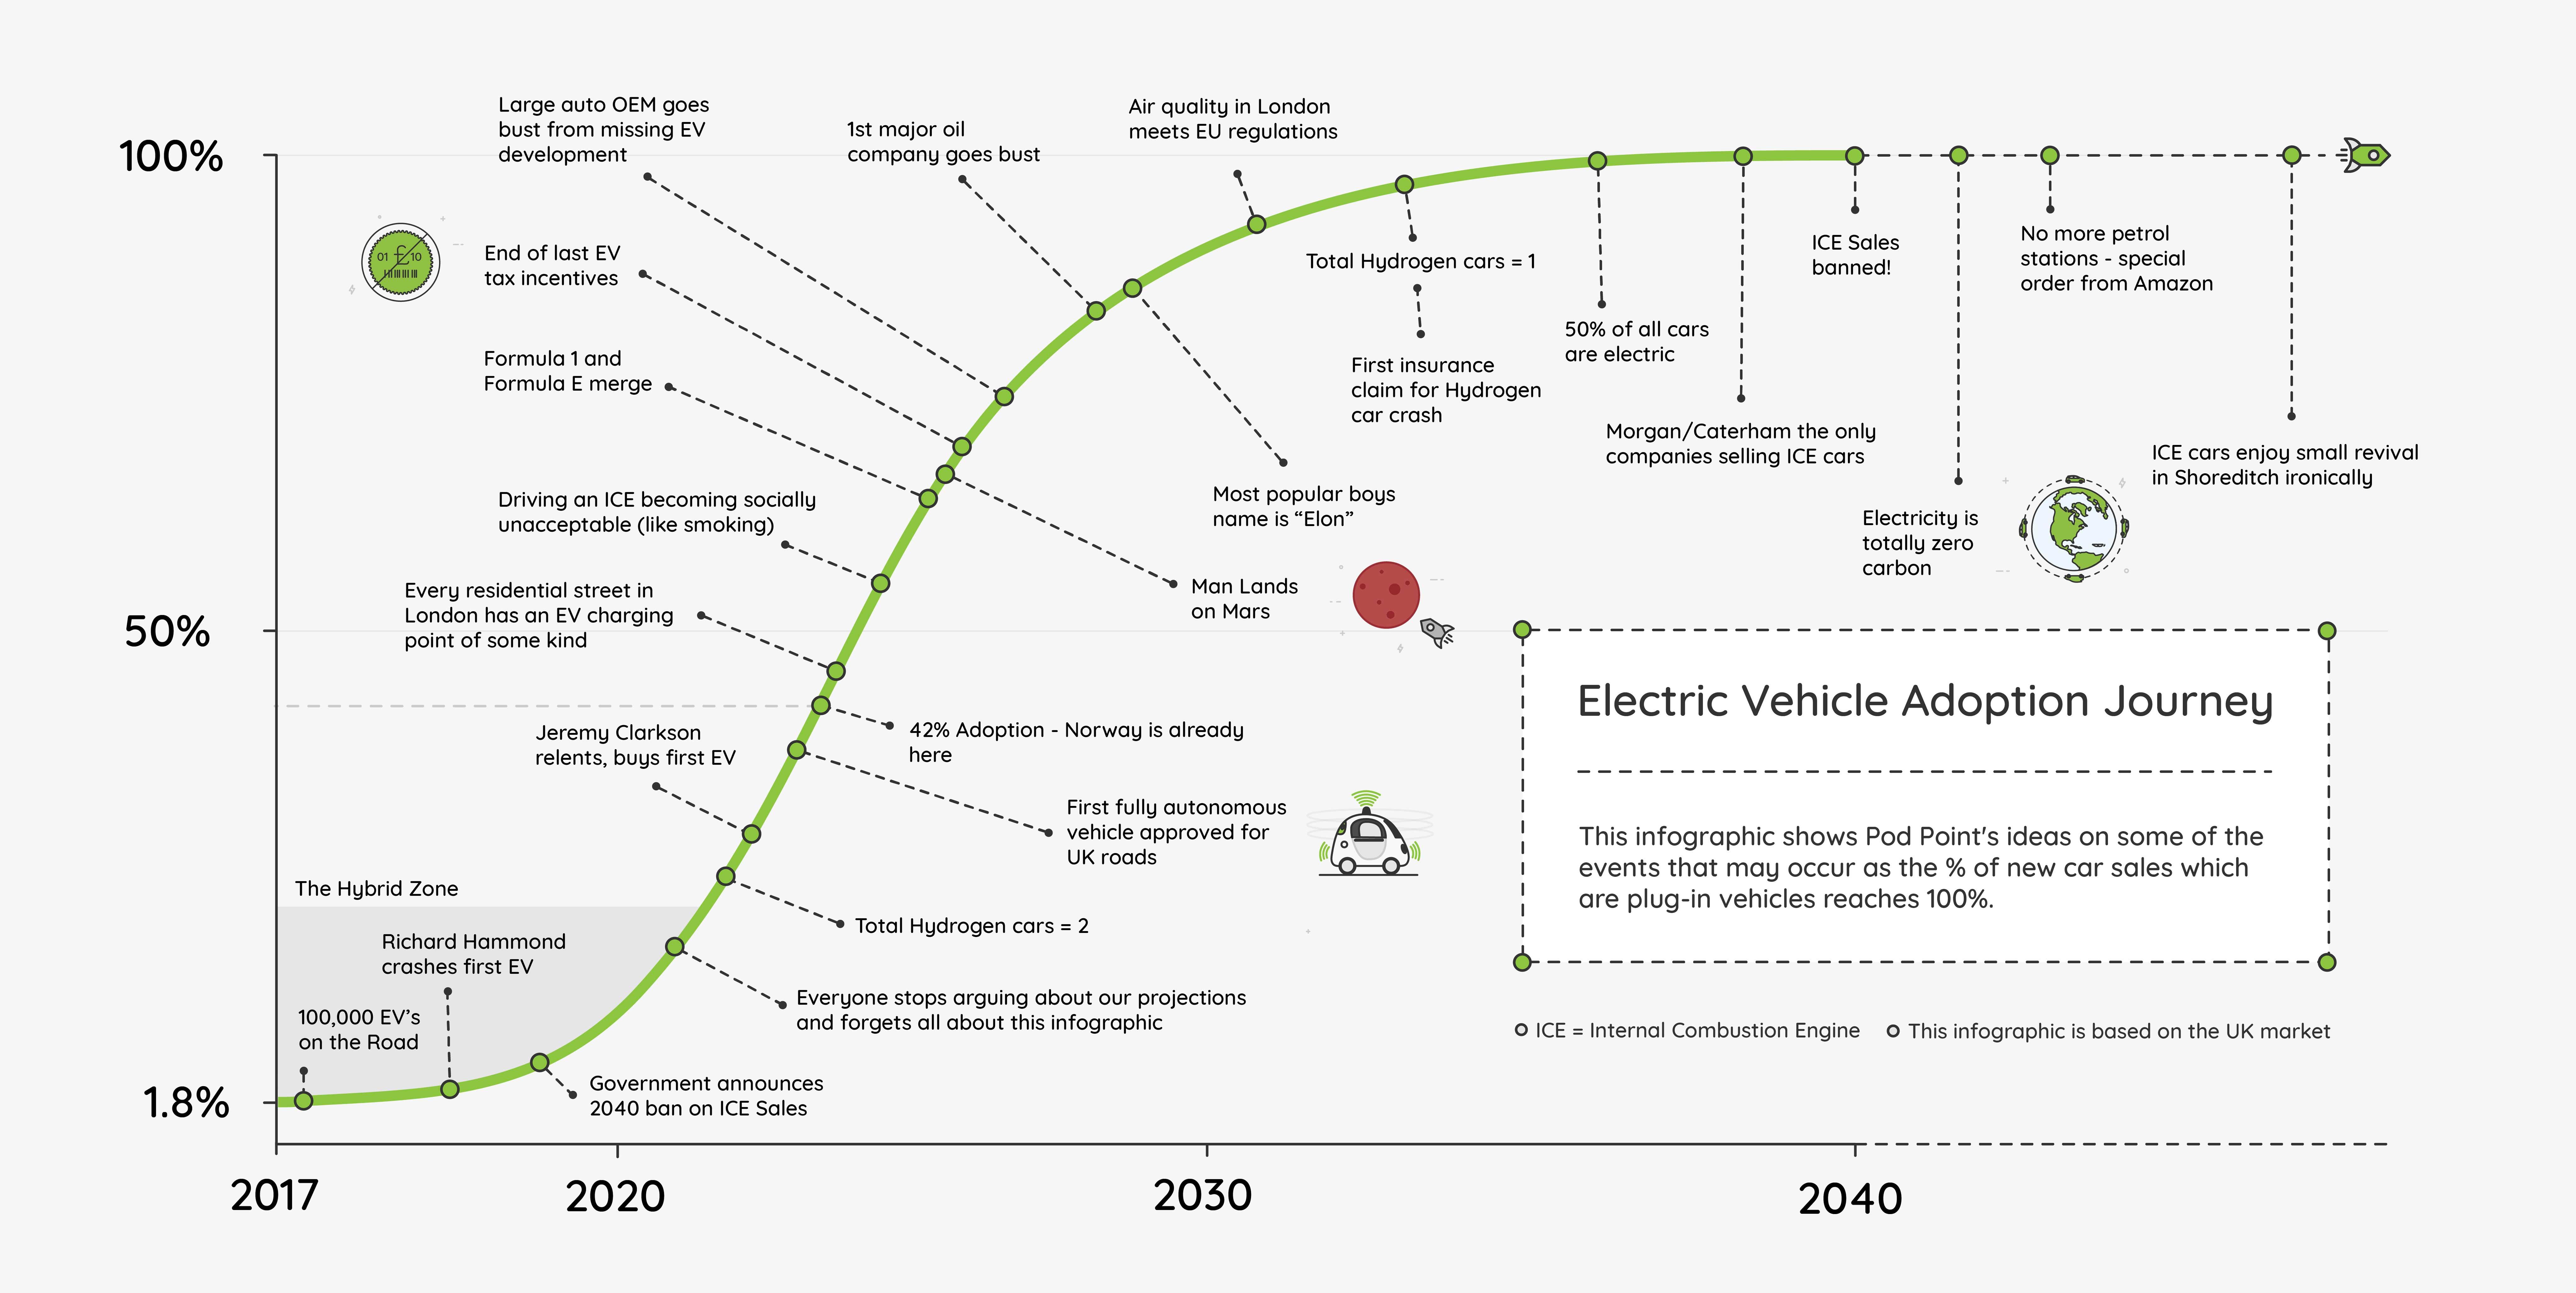 2040 Infographic 099